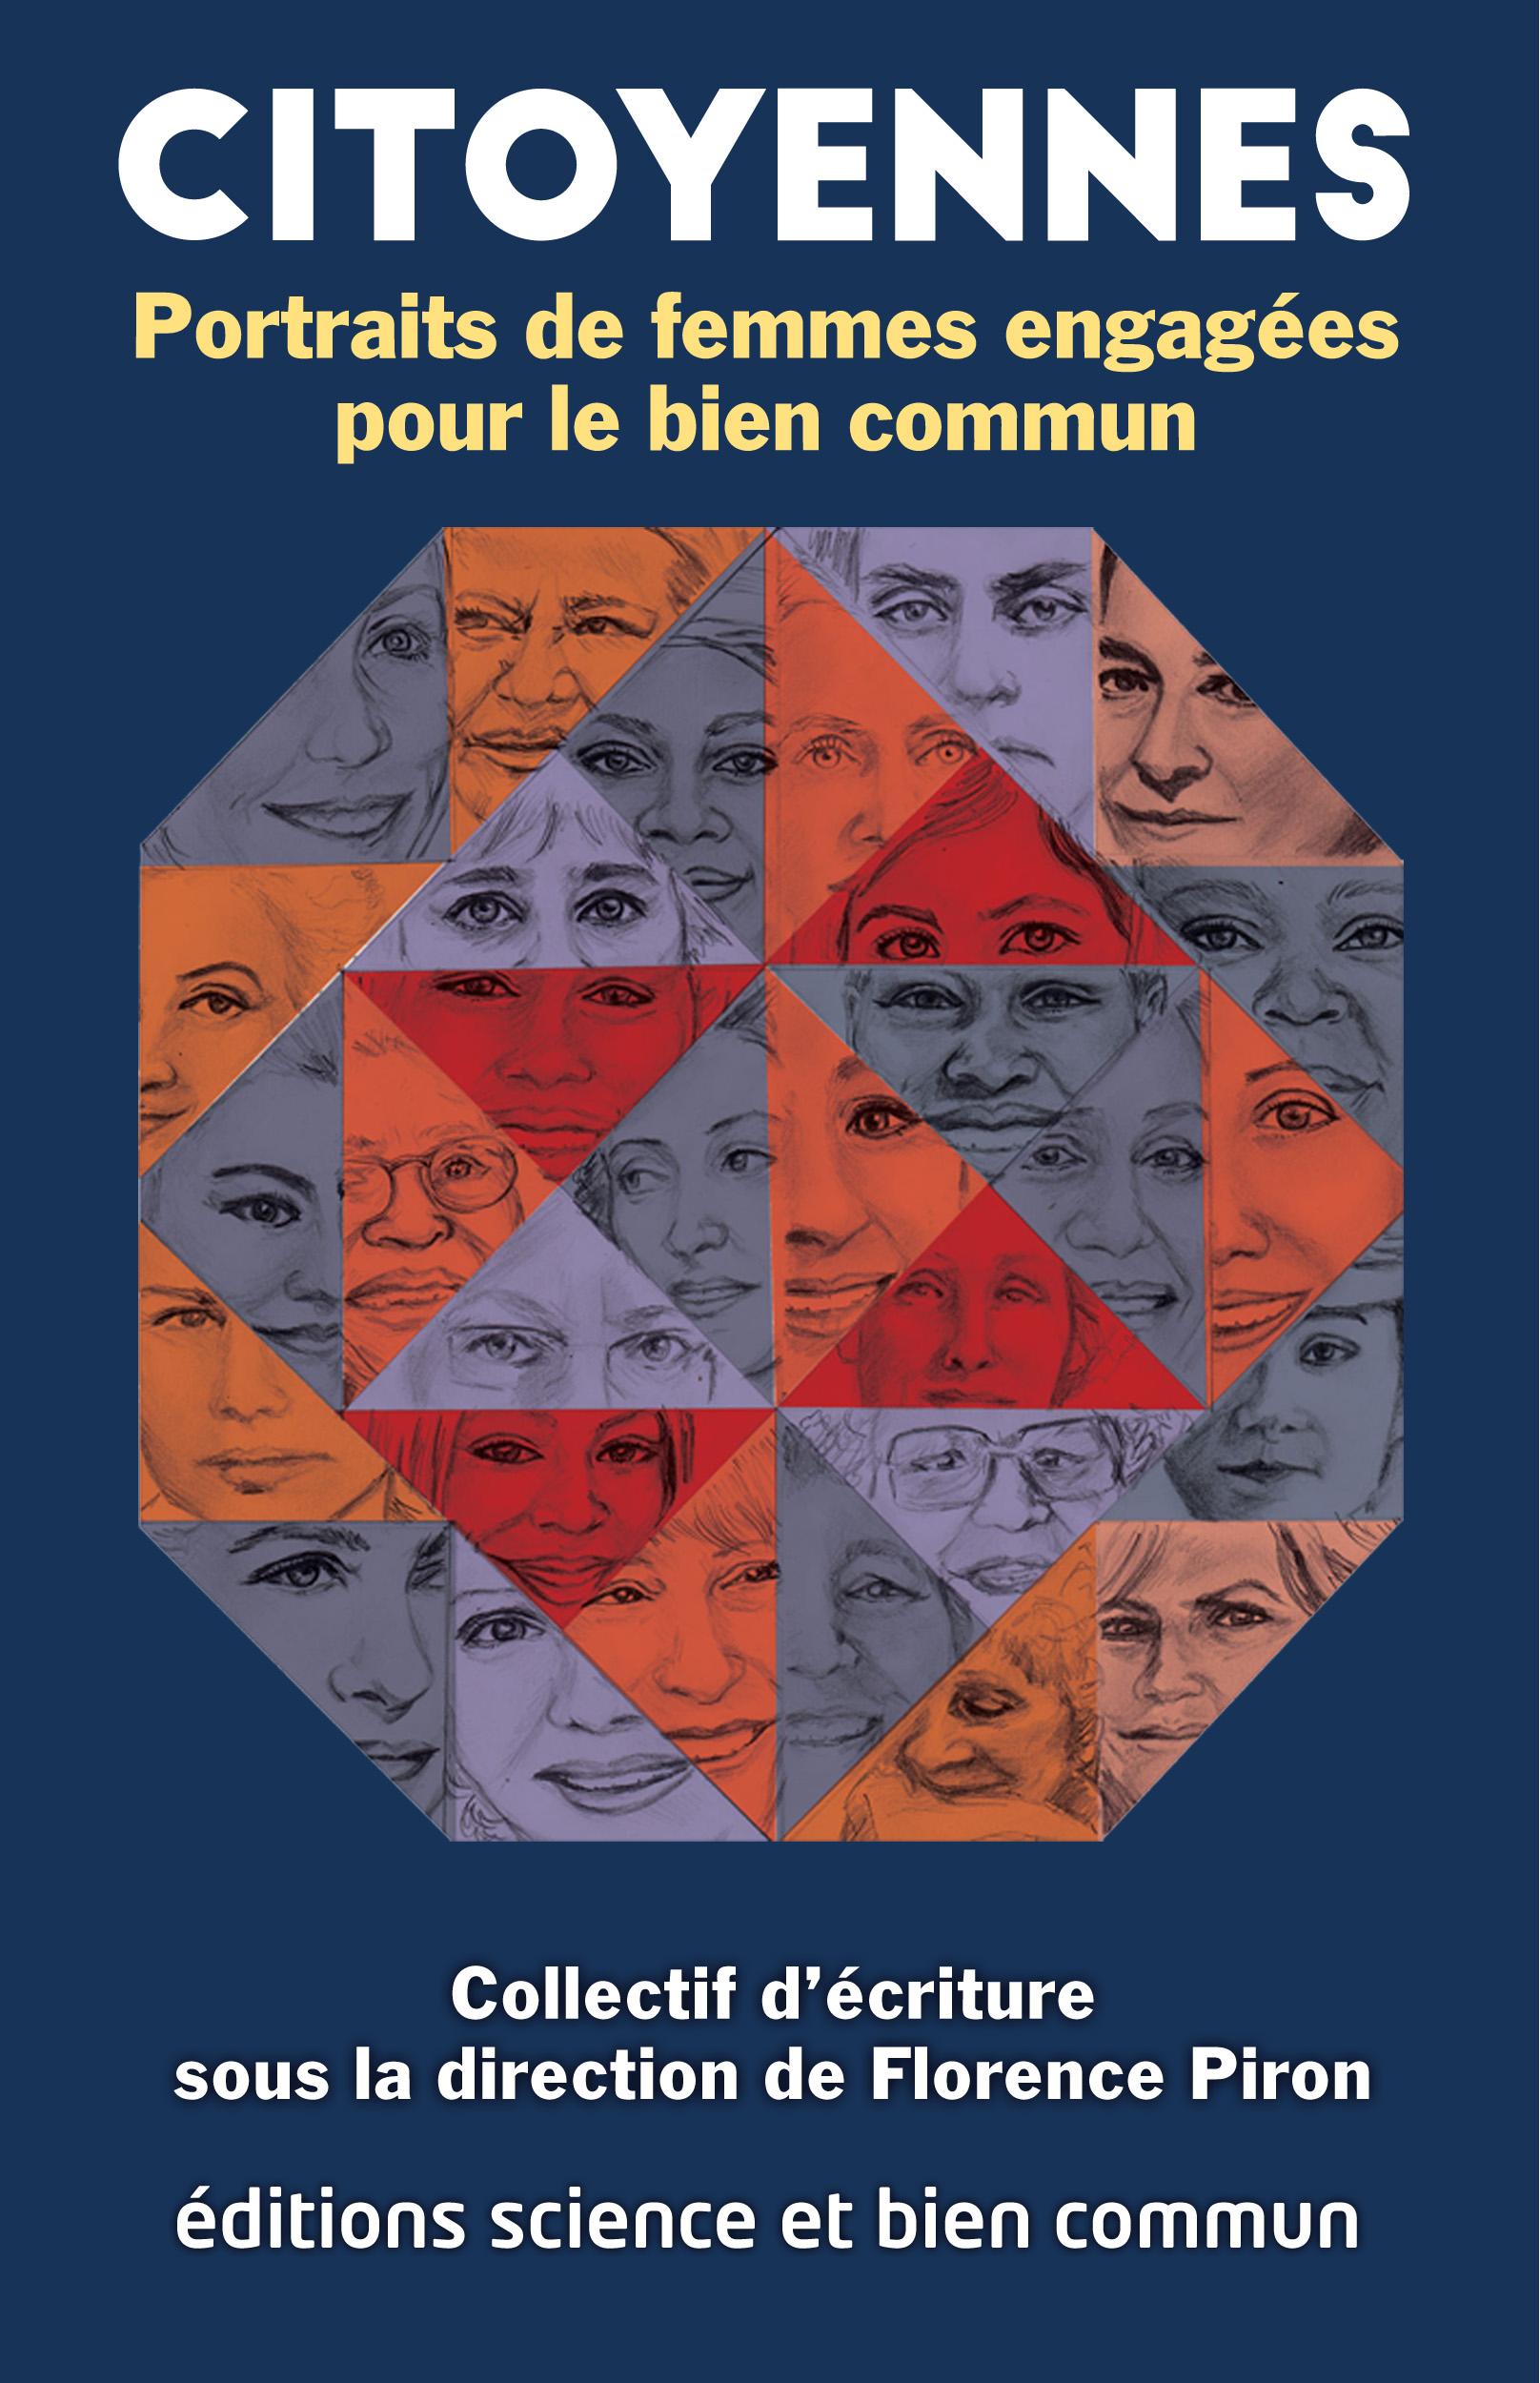 Citoyennes – Portraits de femmes engagées pour le bien commun